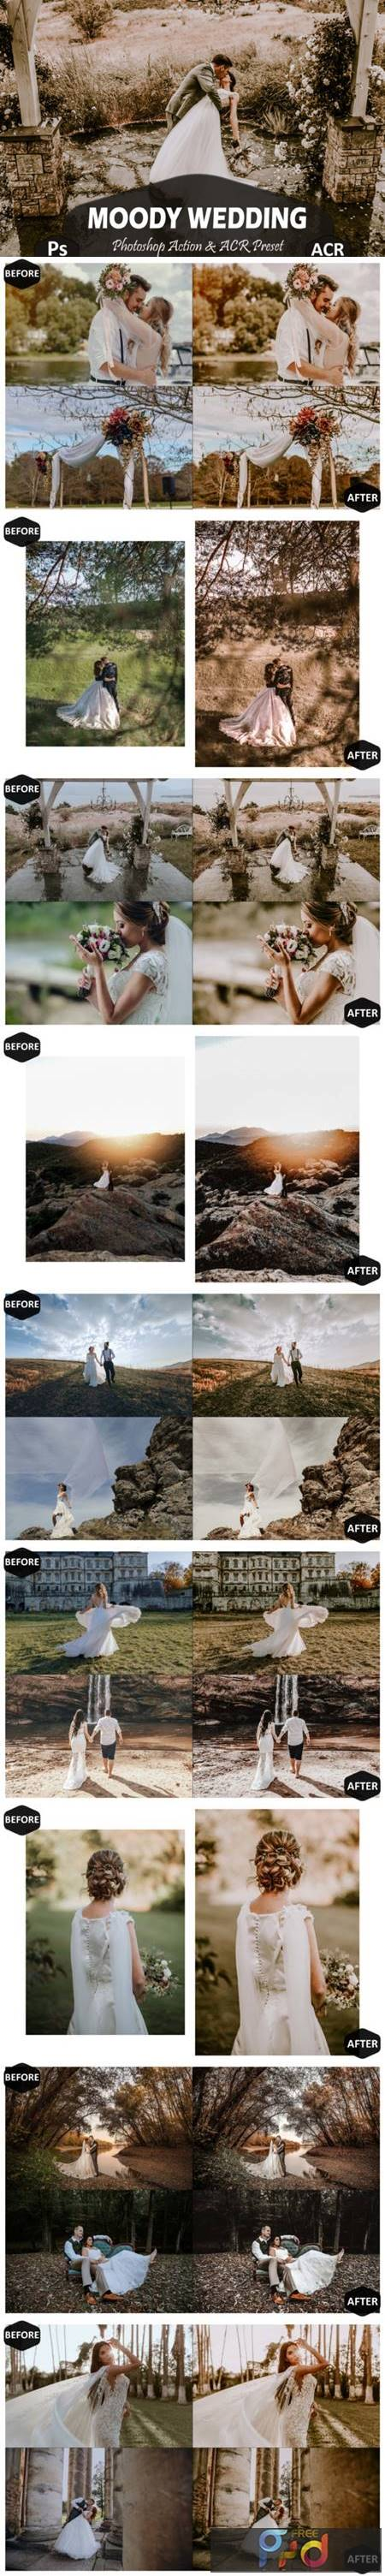 10 Moody Wedding Photoshop Actions 5919019 1